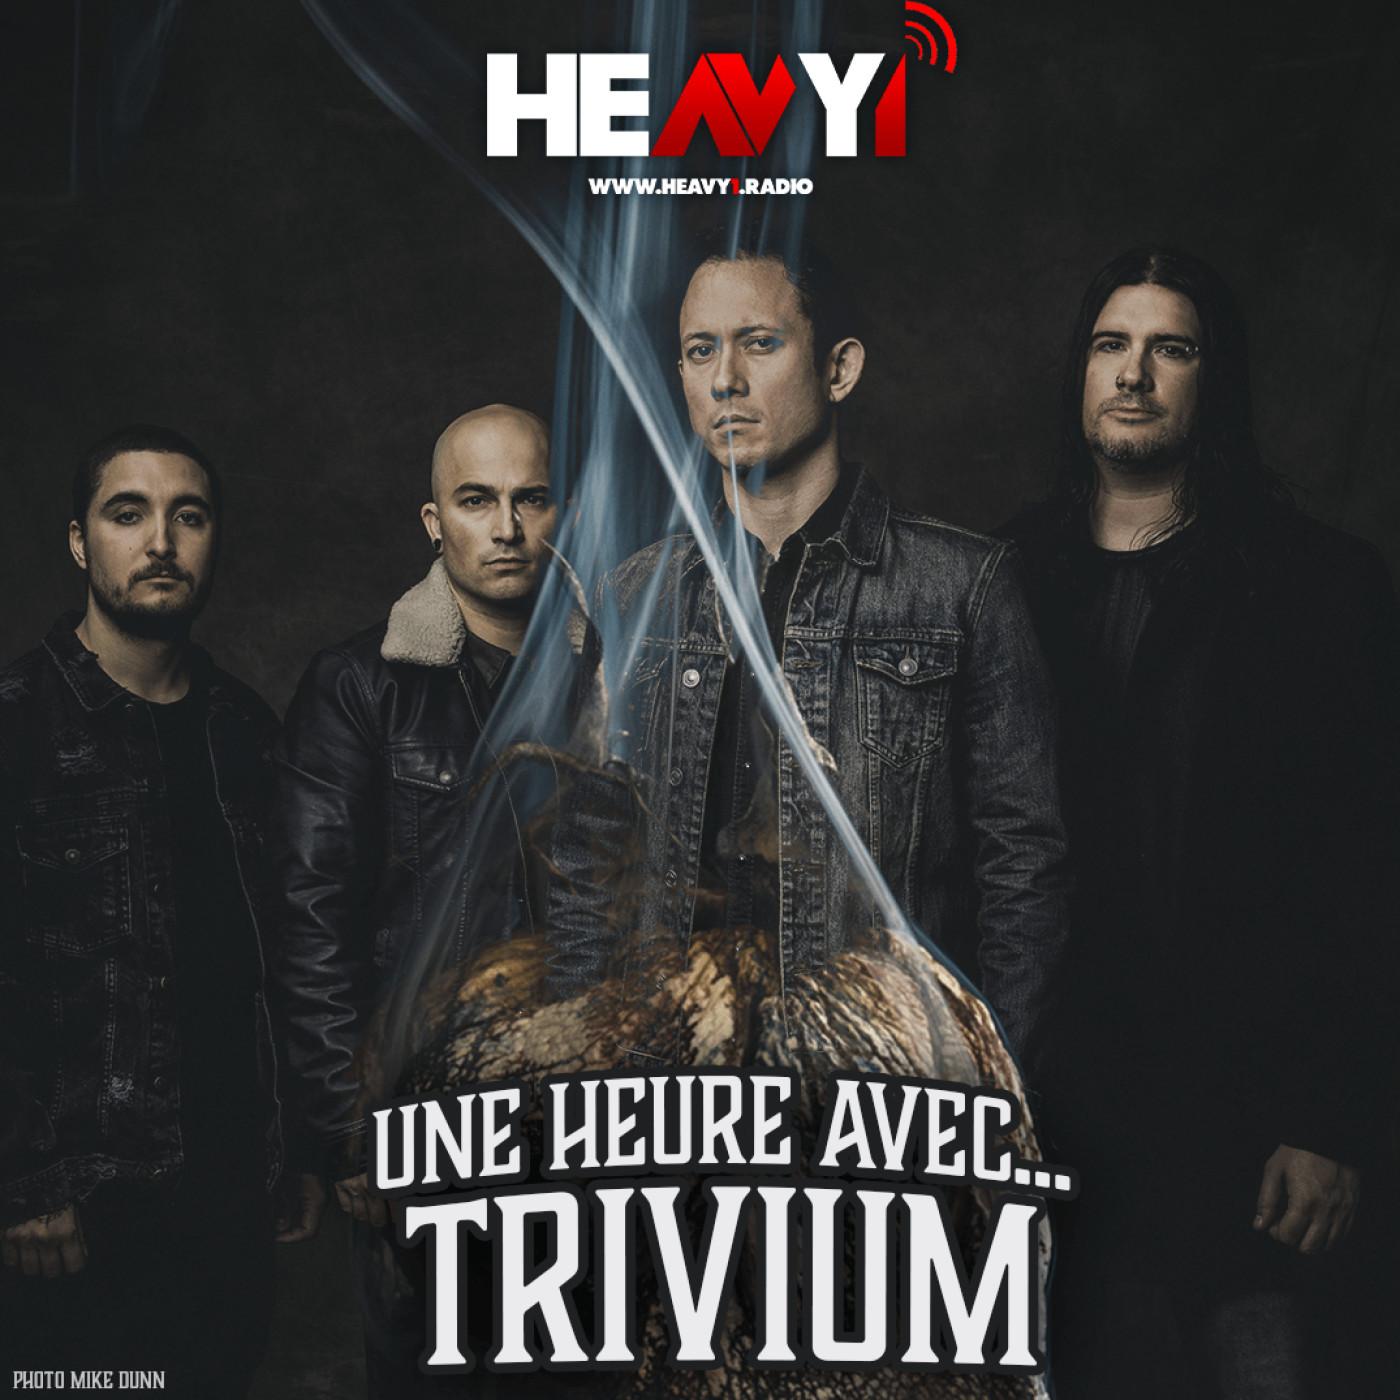 Une heure avec... Trivium